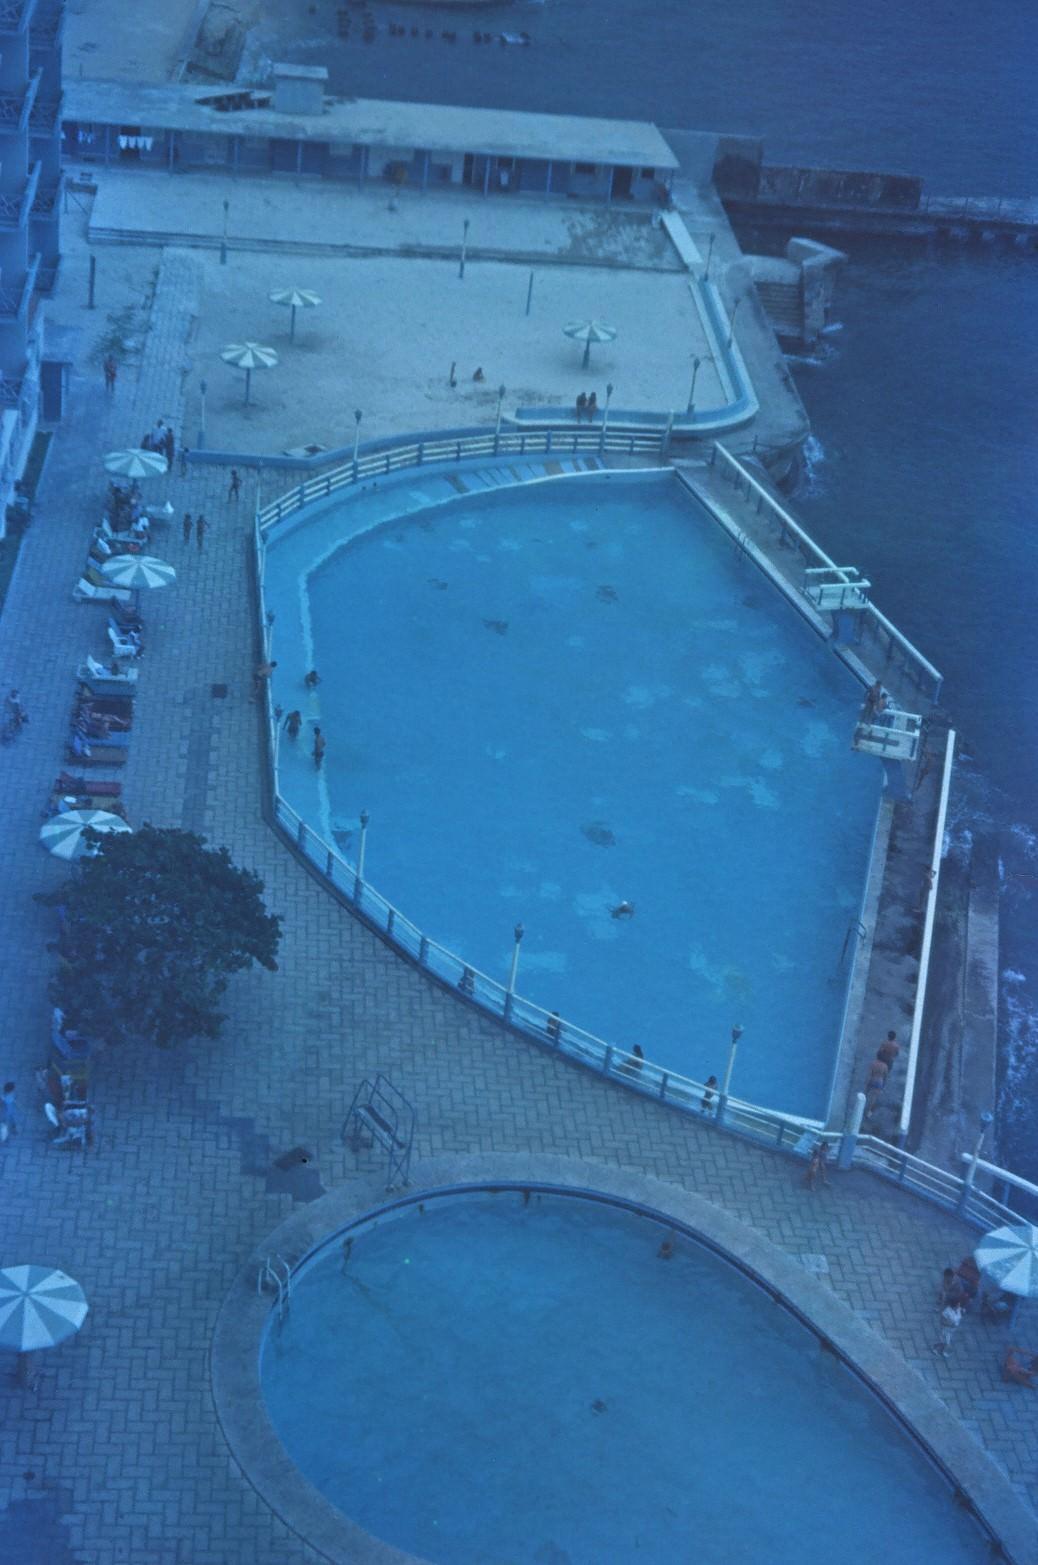 1968-1970. Бассейн гостиницы «Сьерра-Маэстра», фото 1